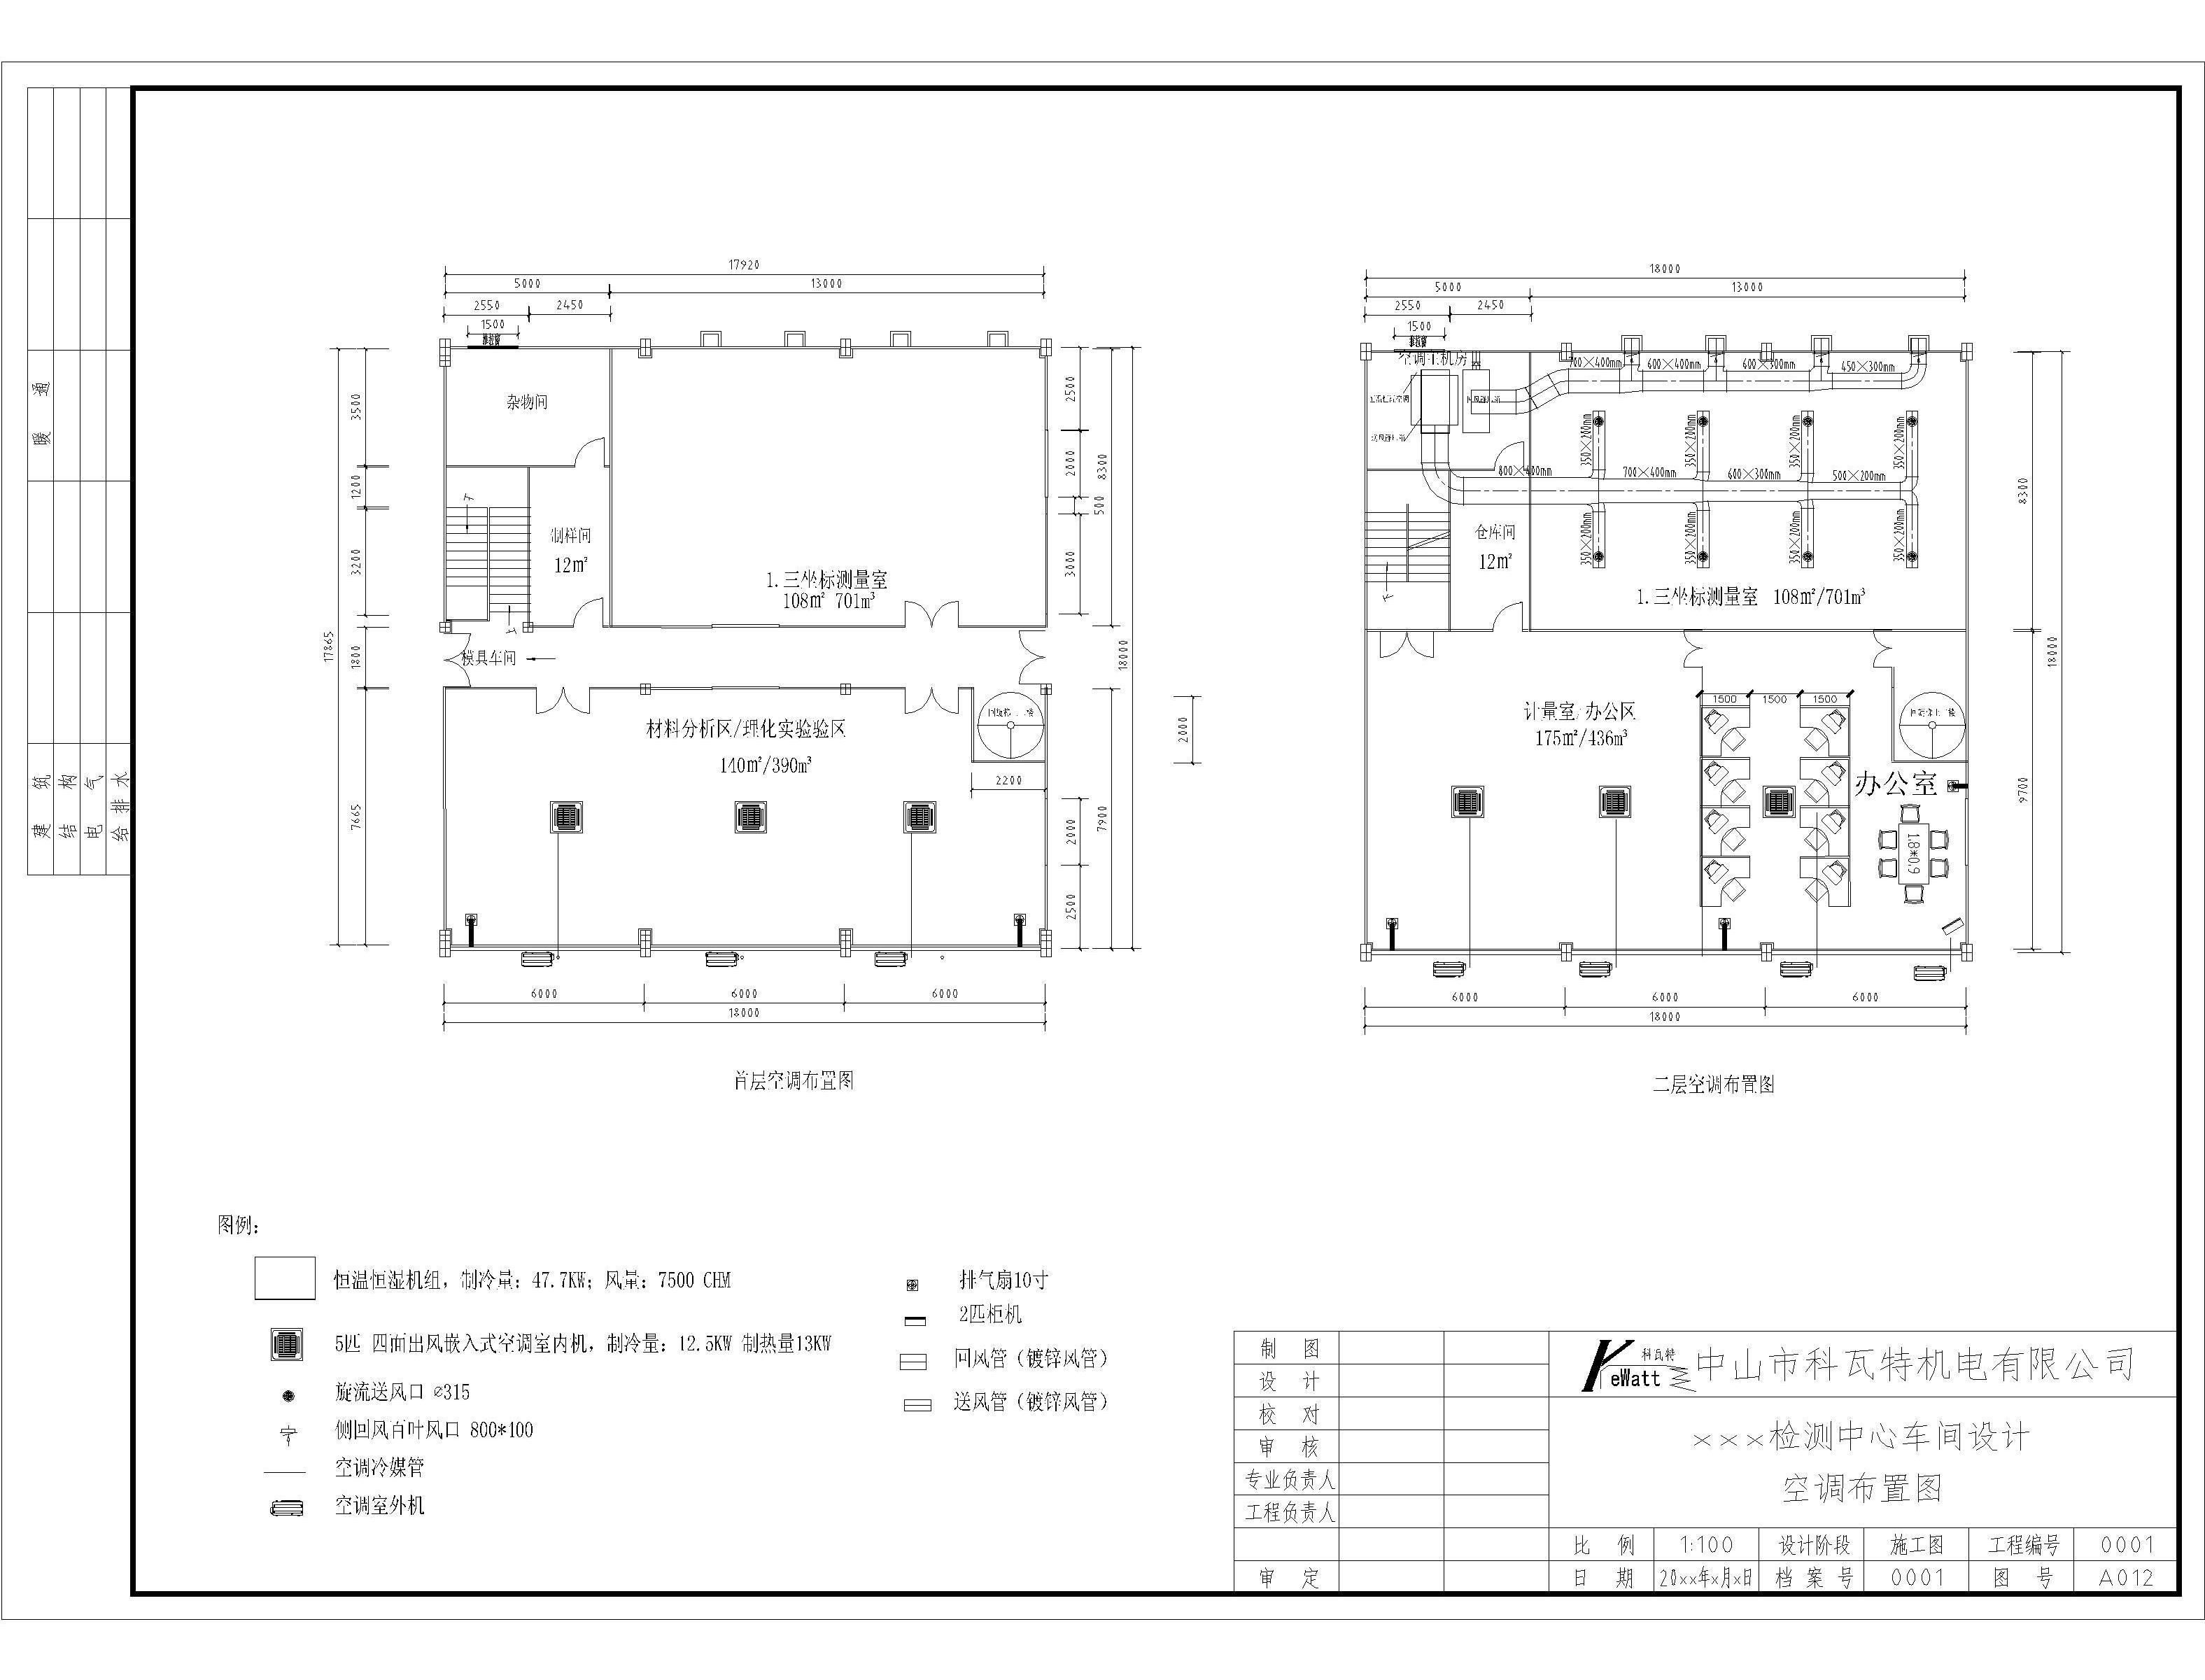 三坐标实验室的空调设计图图片